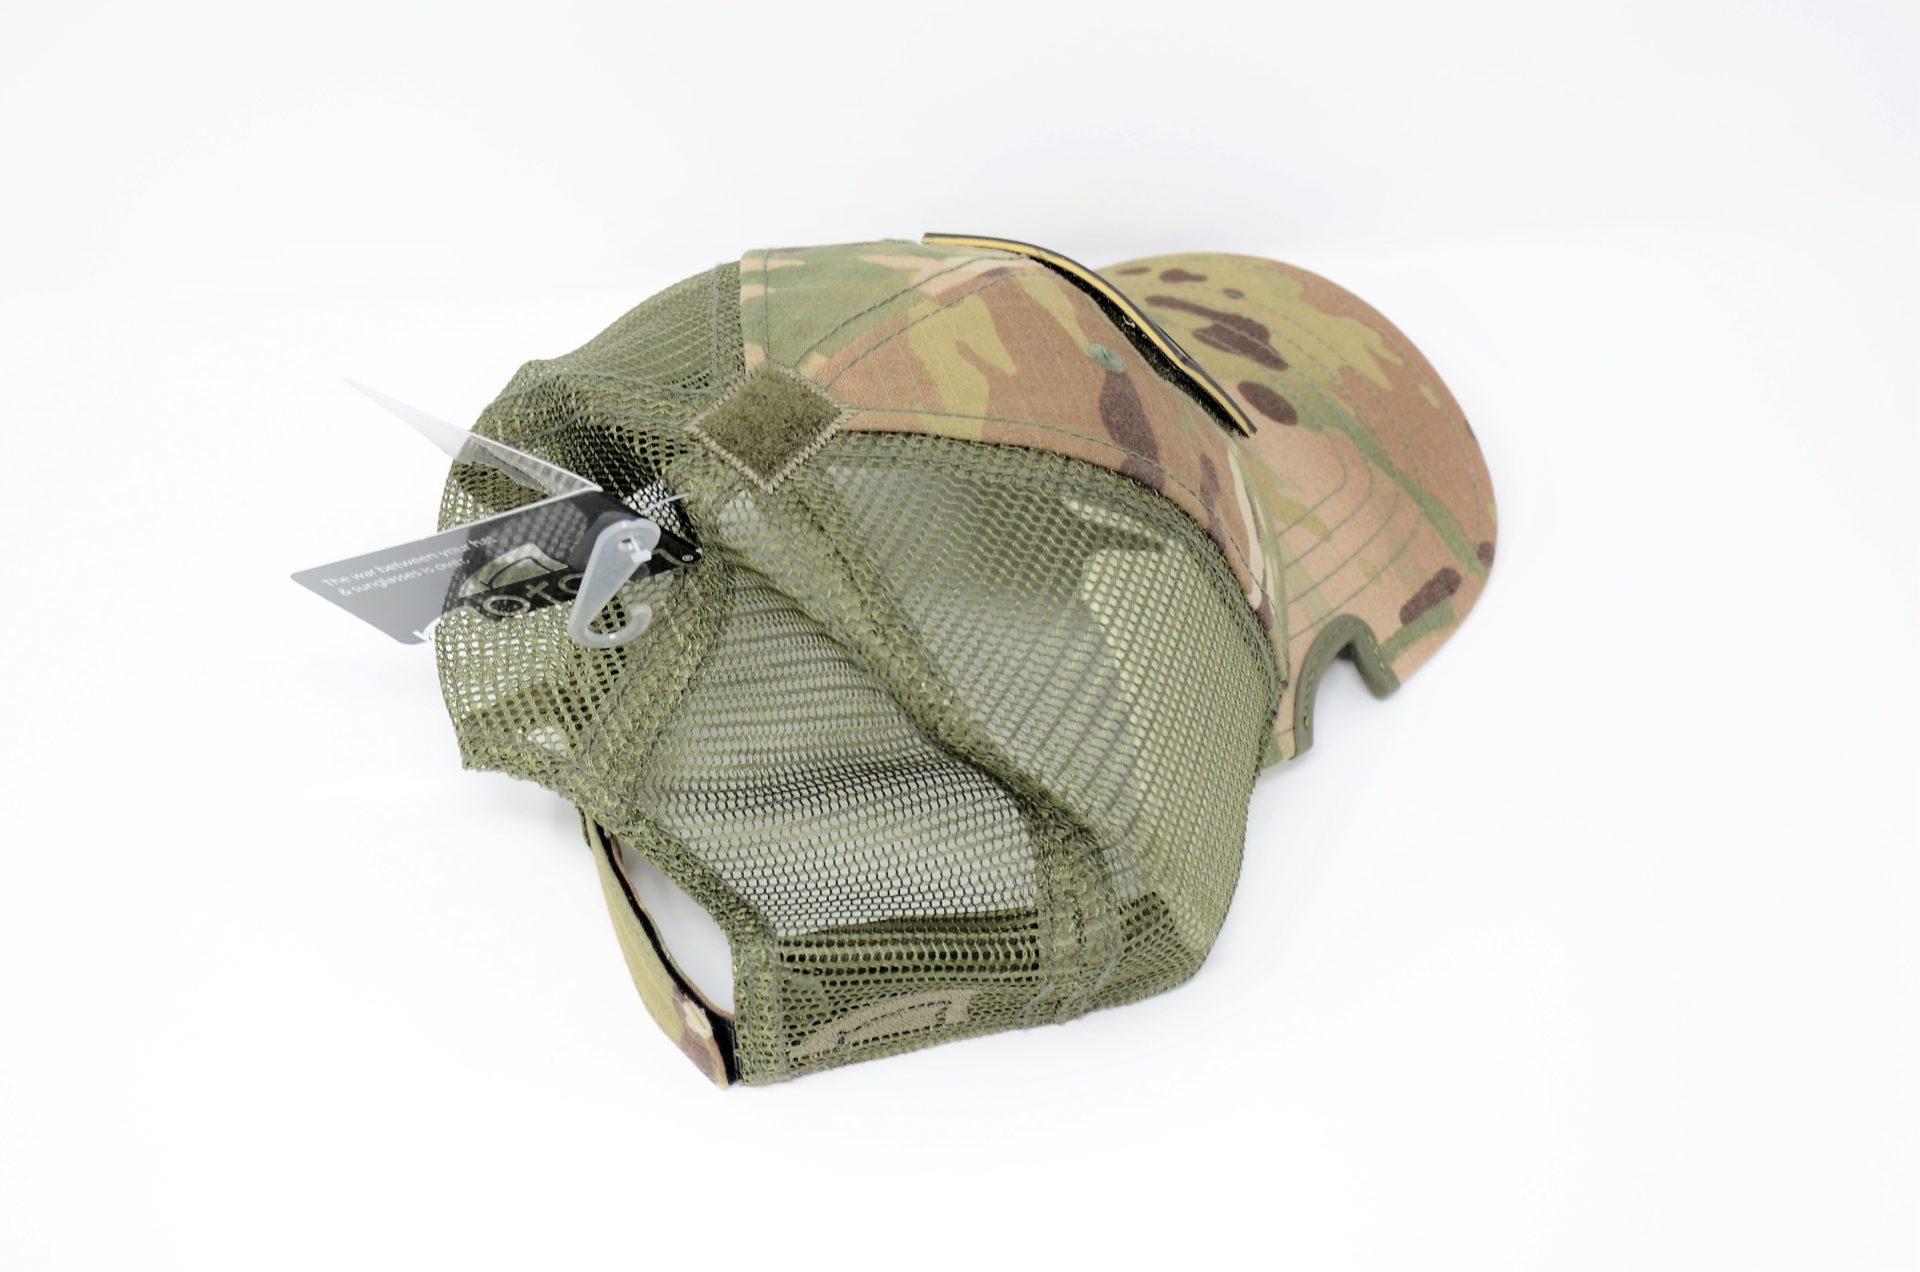 06713b110a3ee Notch Gear Multicam Hat W Patch – Area 419